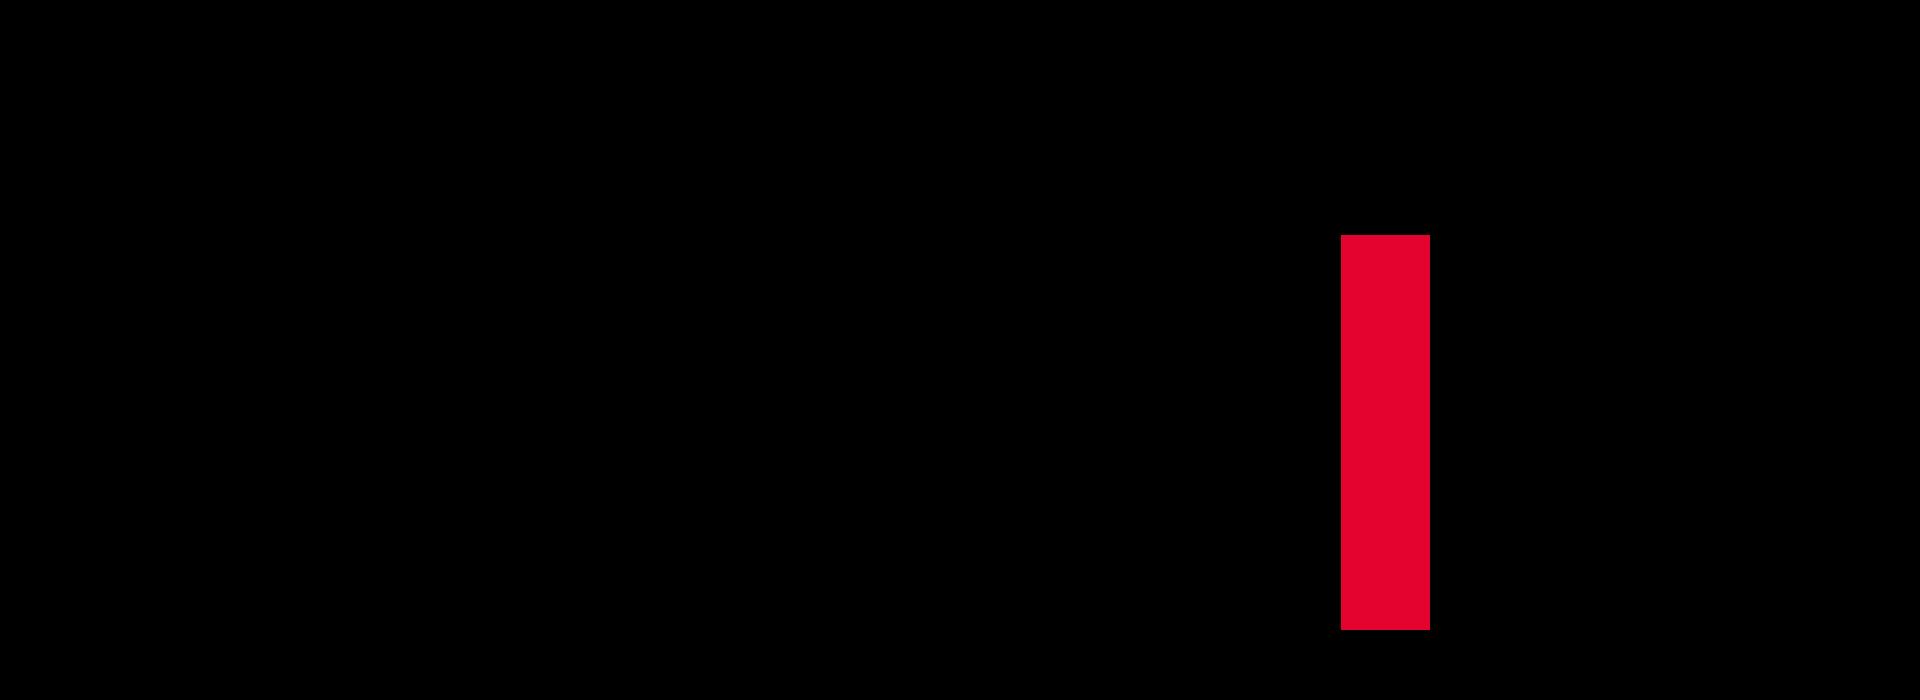 rsgp-slider-v4-10.png